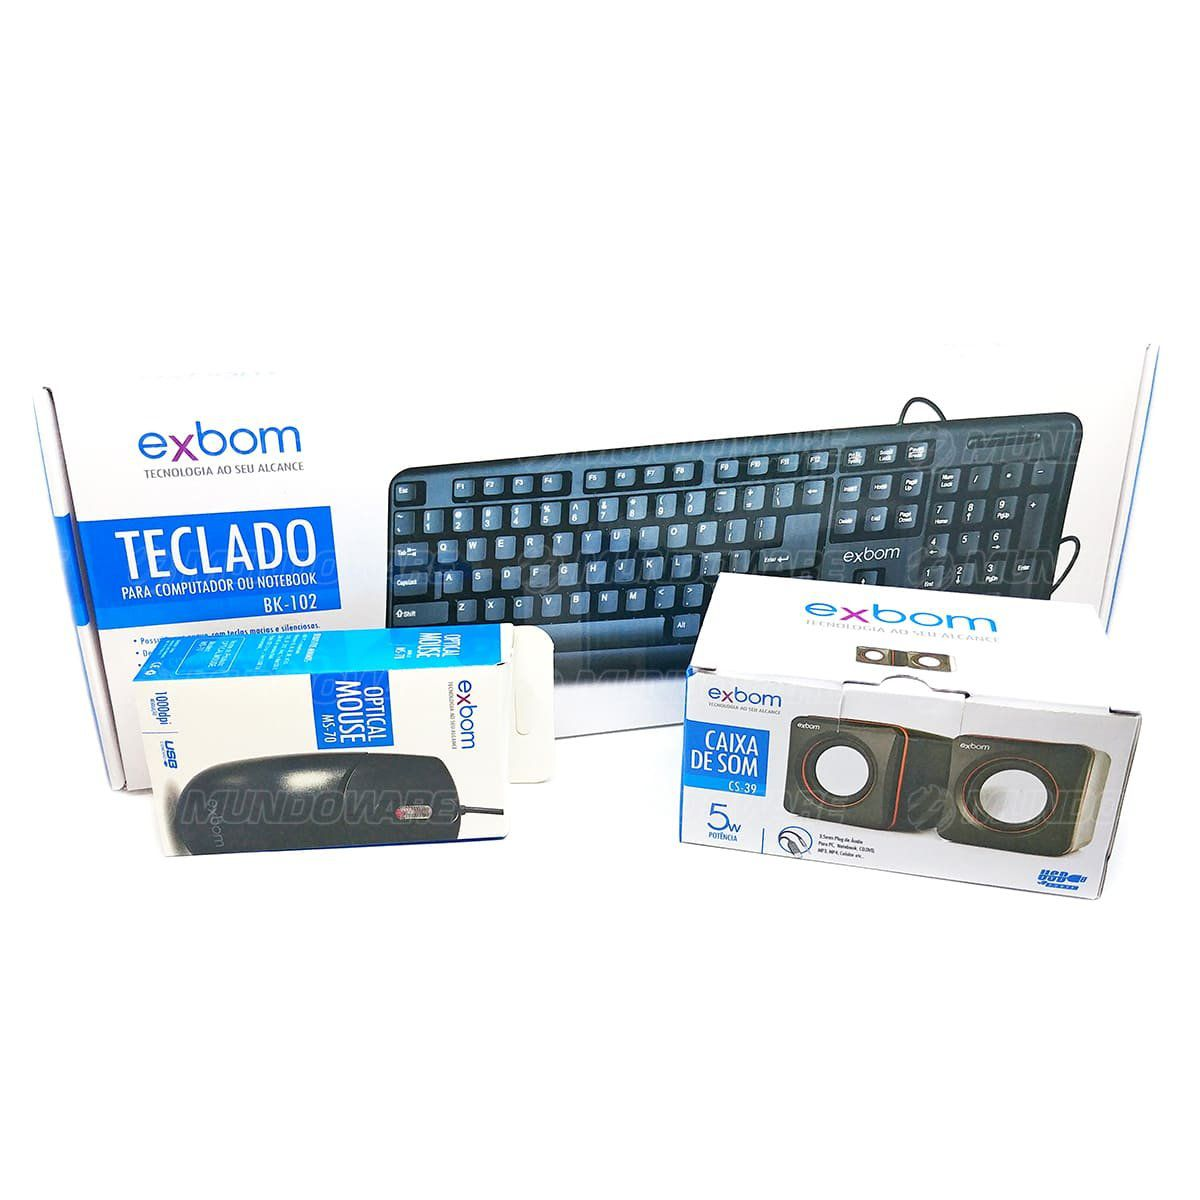 Kit Estação de Trabalho Básico com Teclado, Mouse e Caixas de Som para Computador